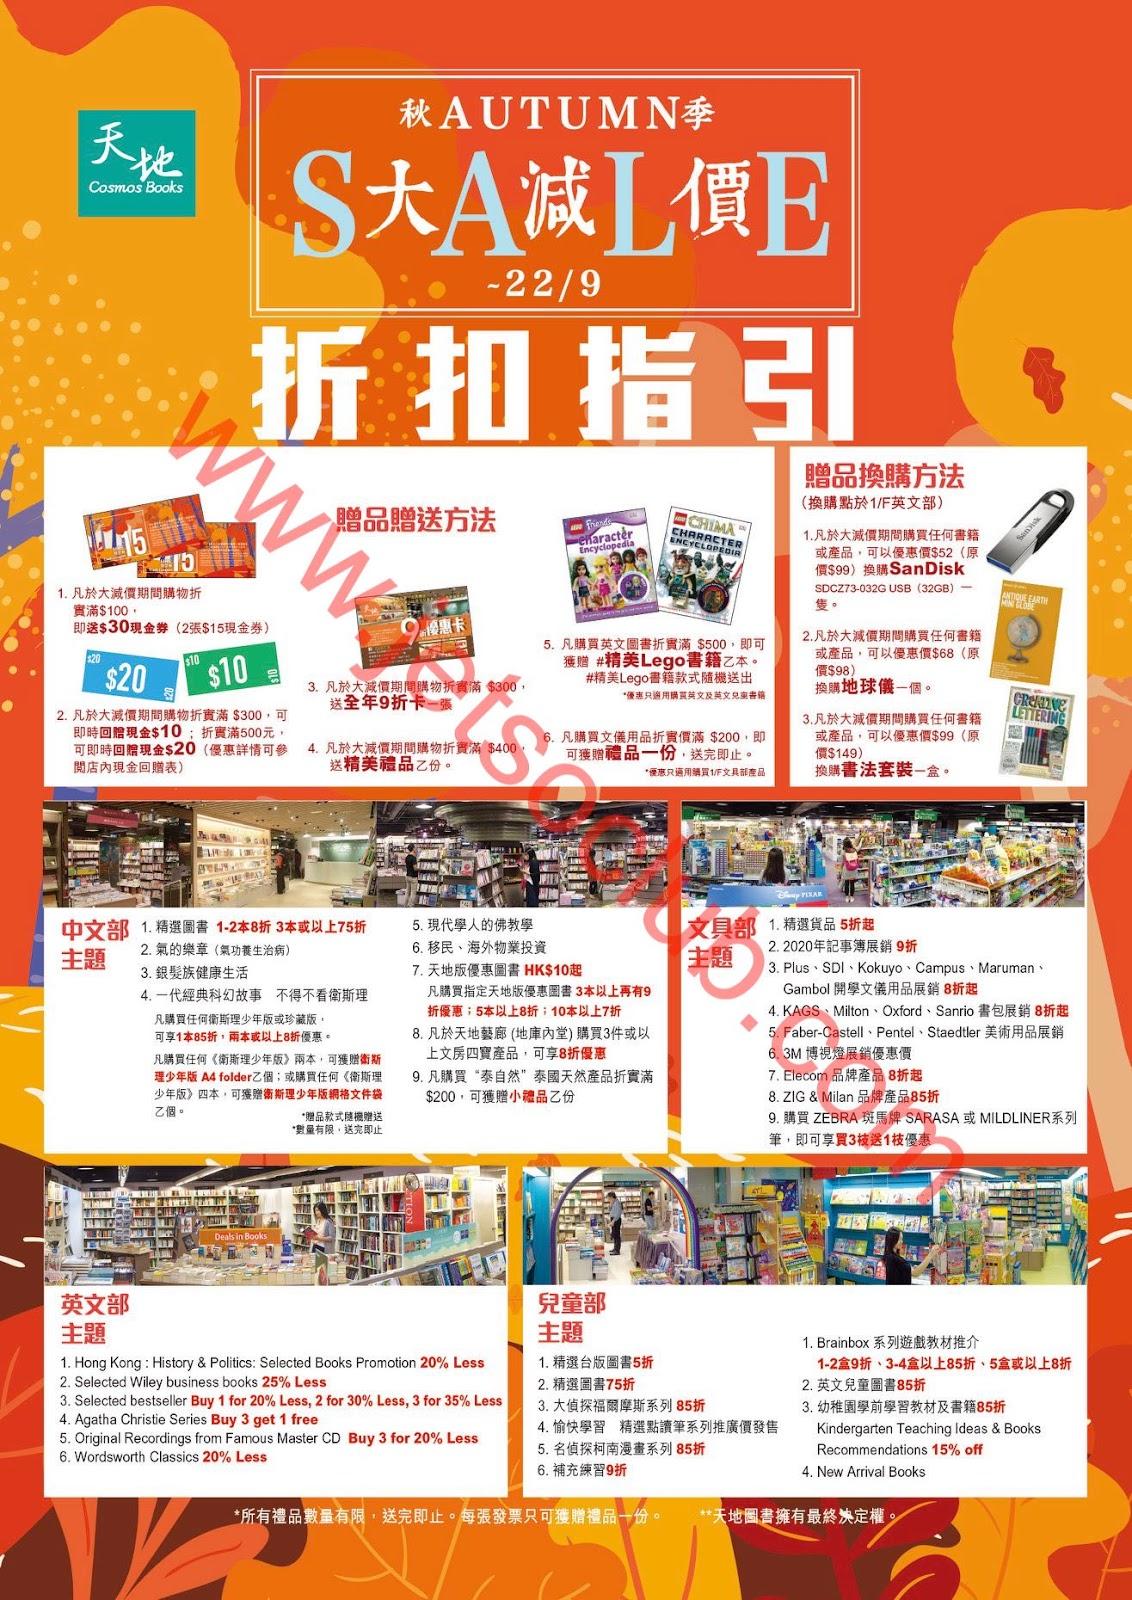 天地圖書:秋季大減價(至22/9) ( Jetso Club 著數俱樂部 )